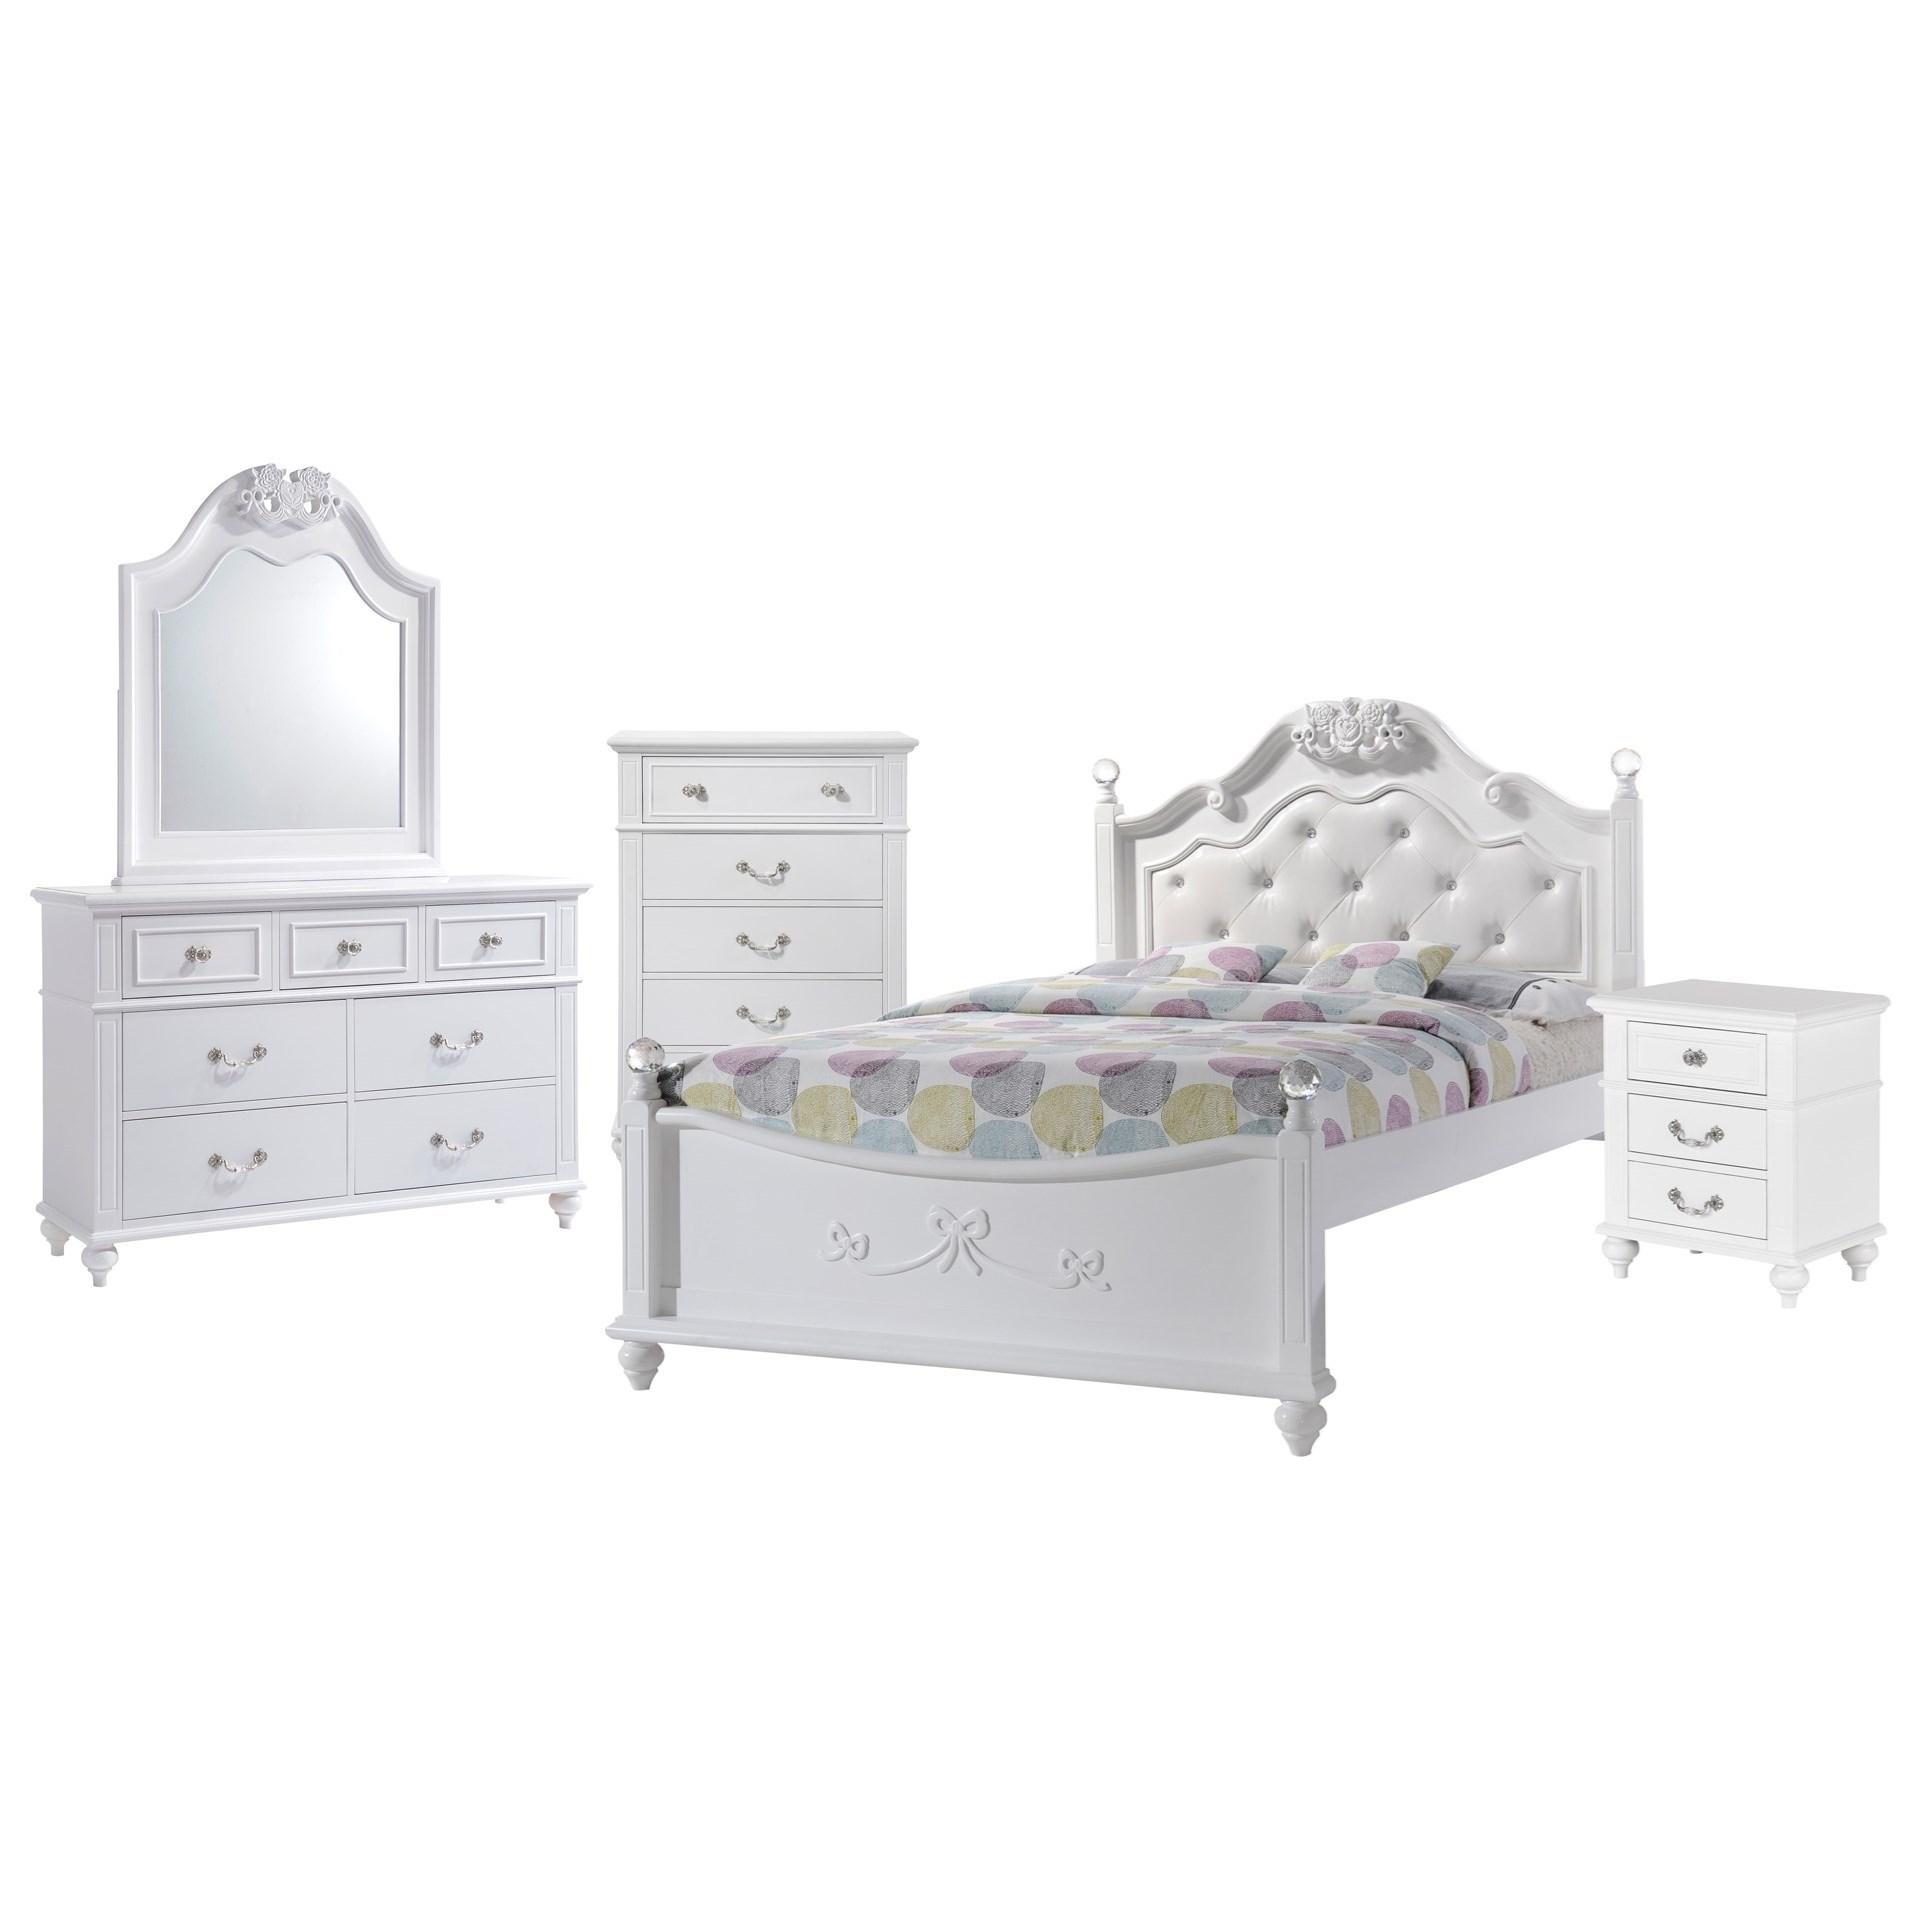 Full 5-Piece Bedroom Set